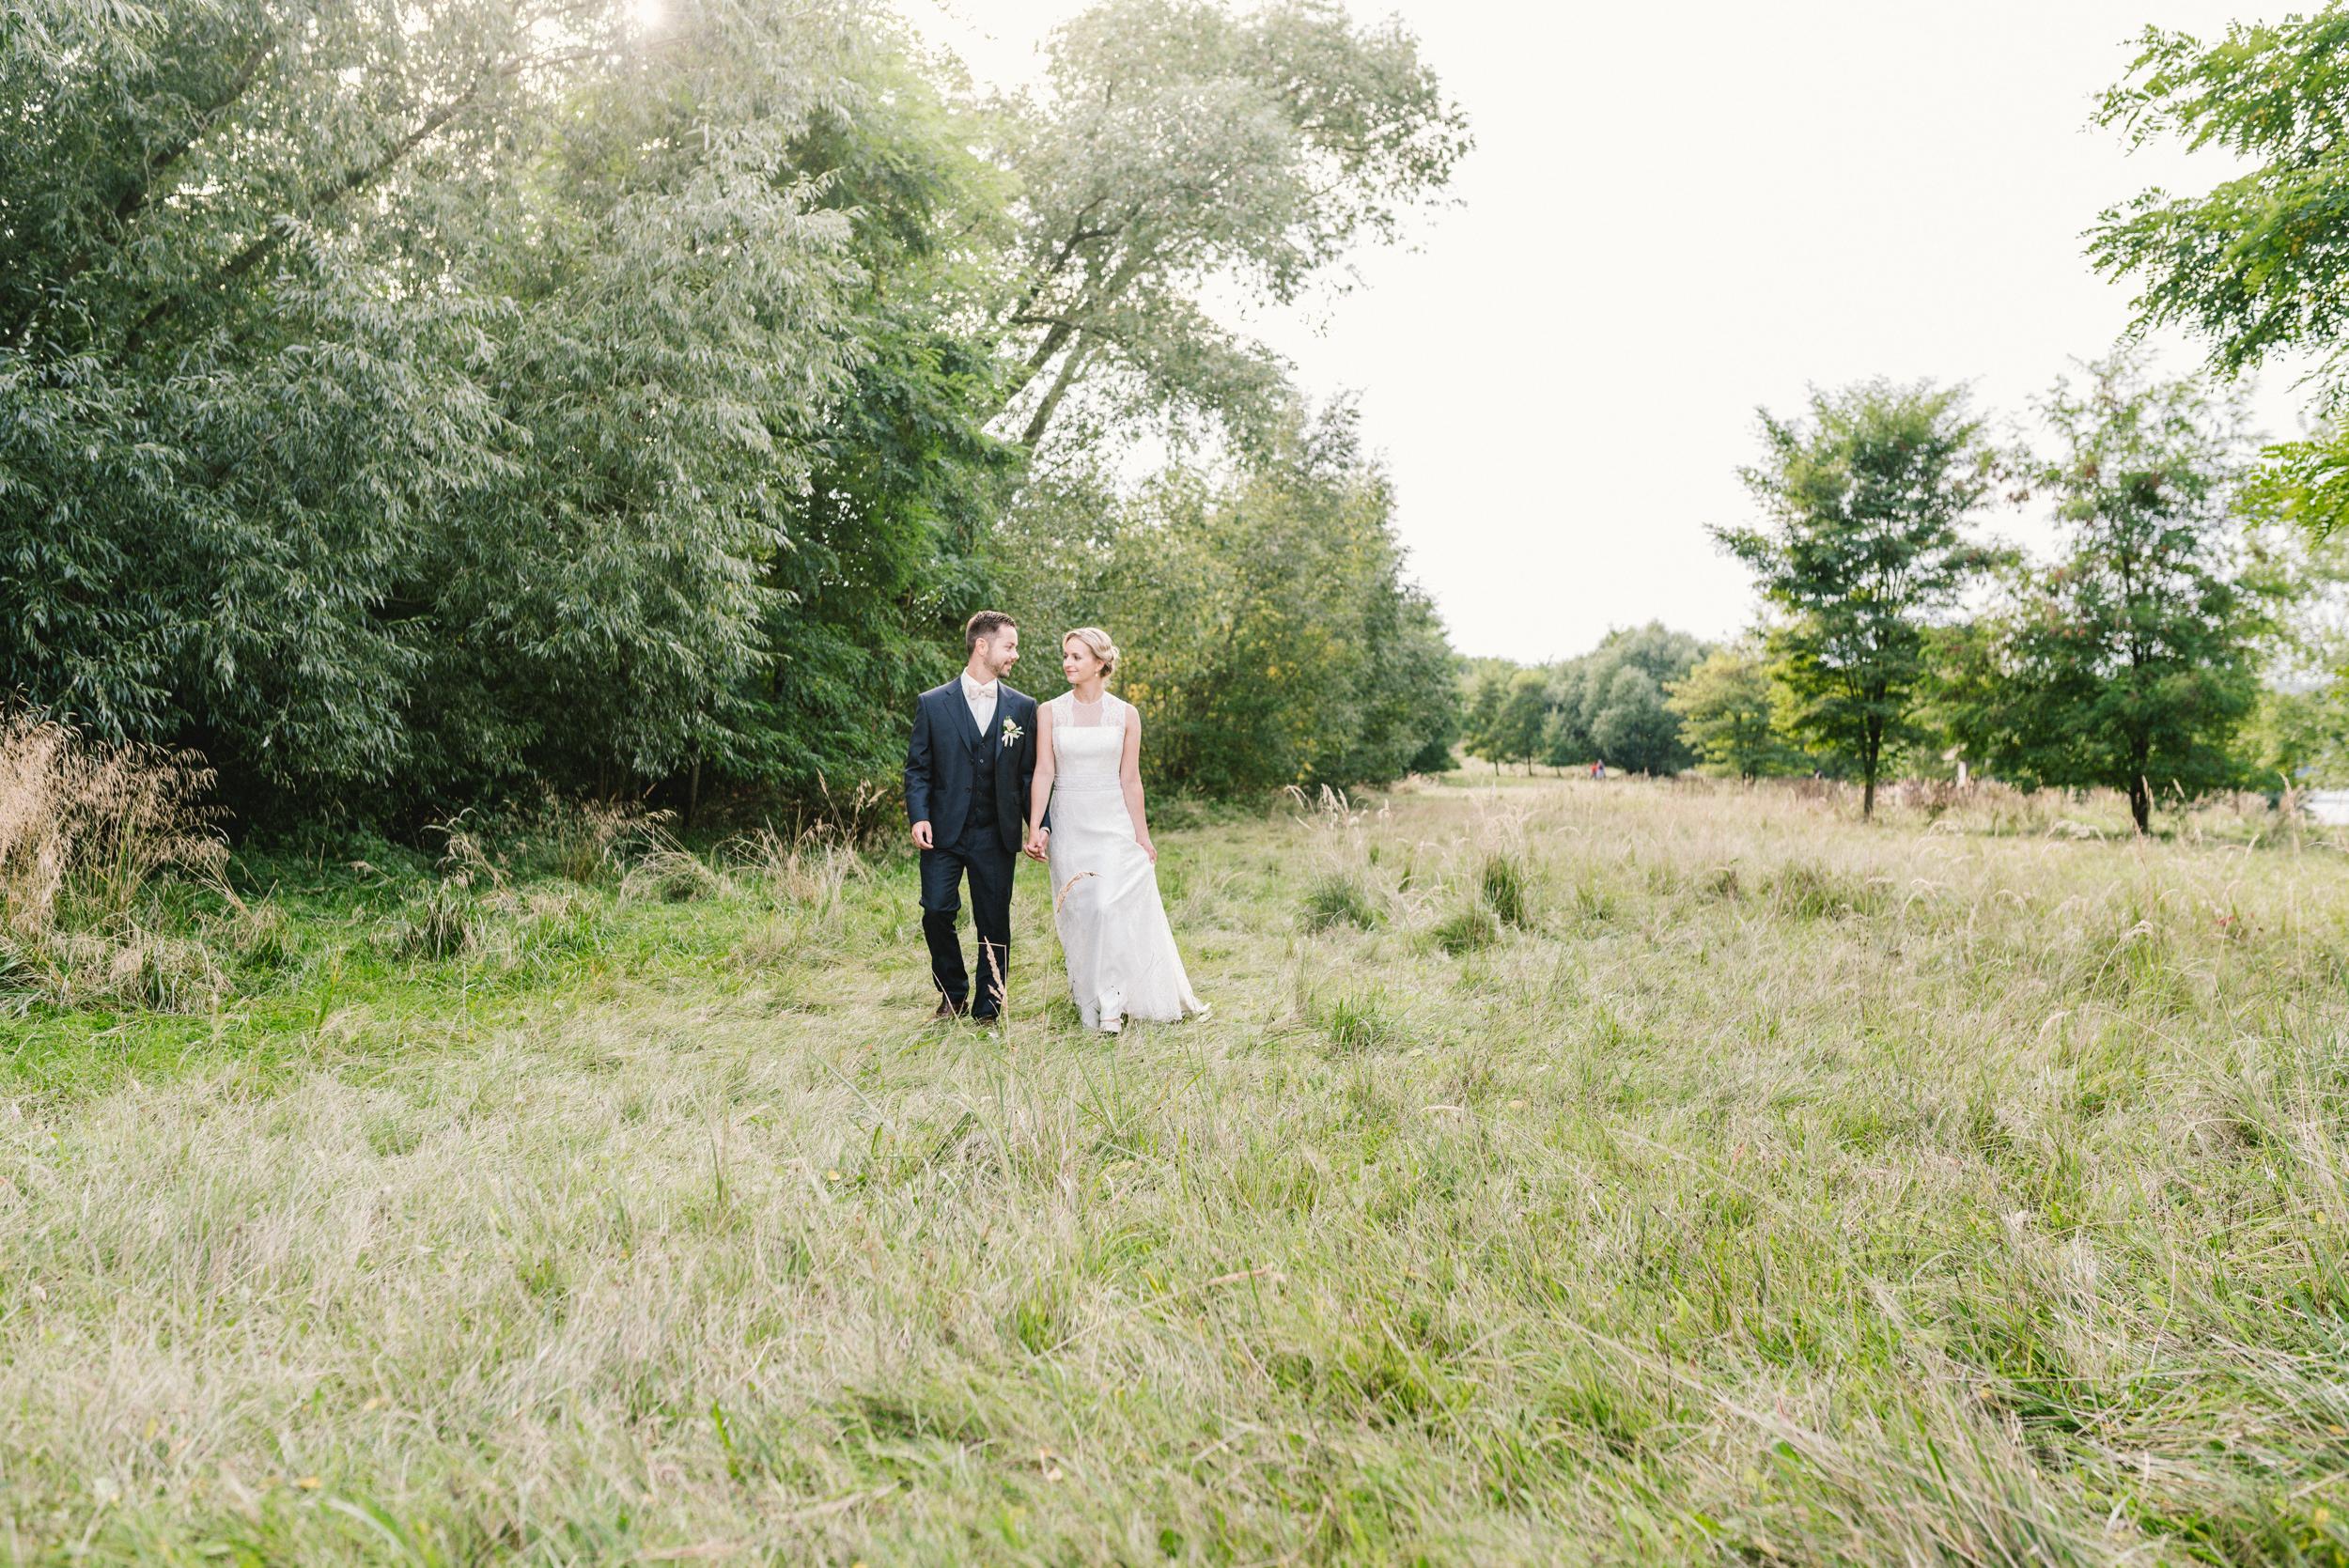 Paul_Glaser_Hochzeitsfotograf-41